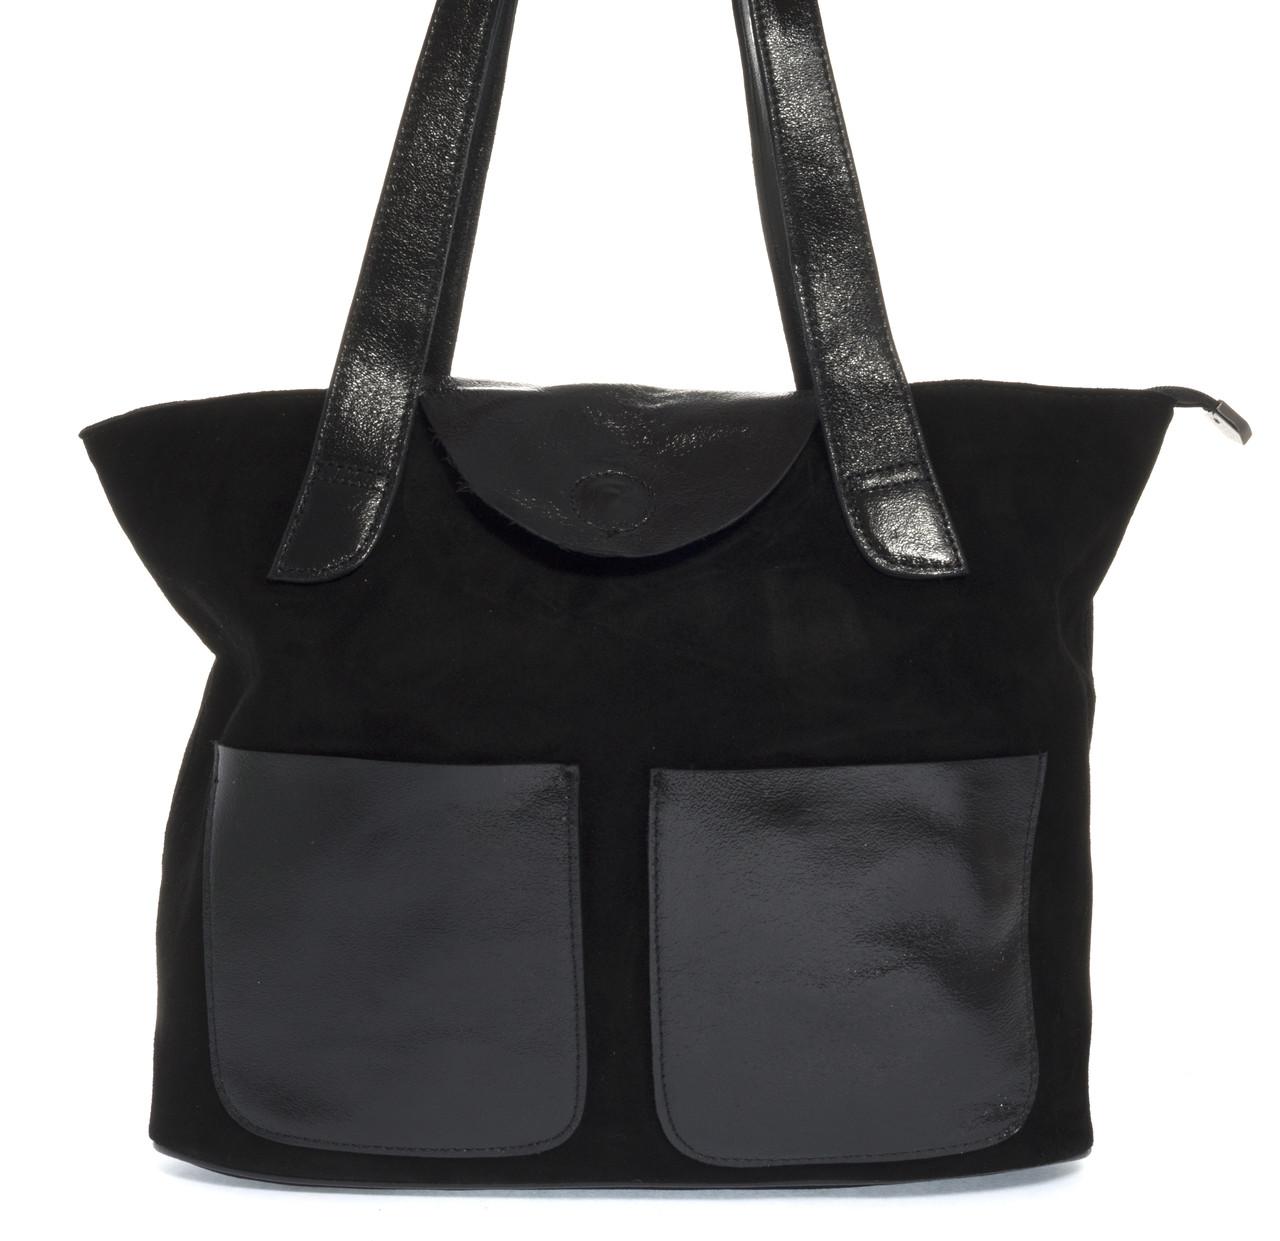 Стильная прочная женская сумка из мягкой натуральной замшевой кожи Princess art. 0263 Турция